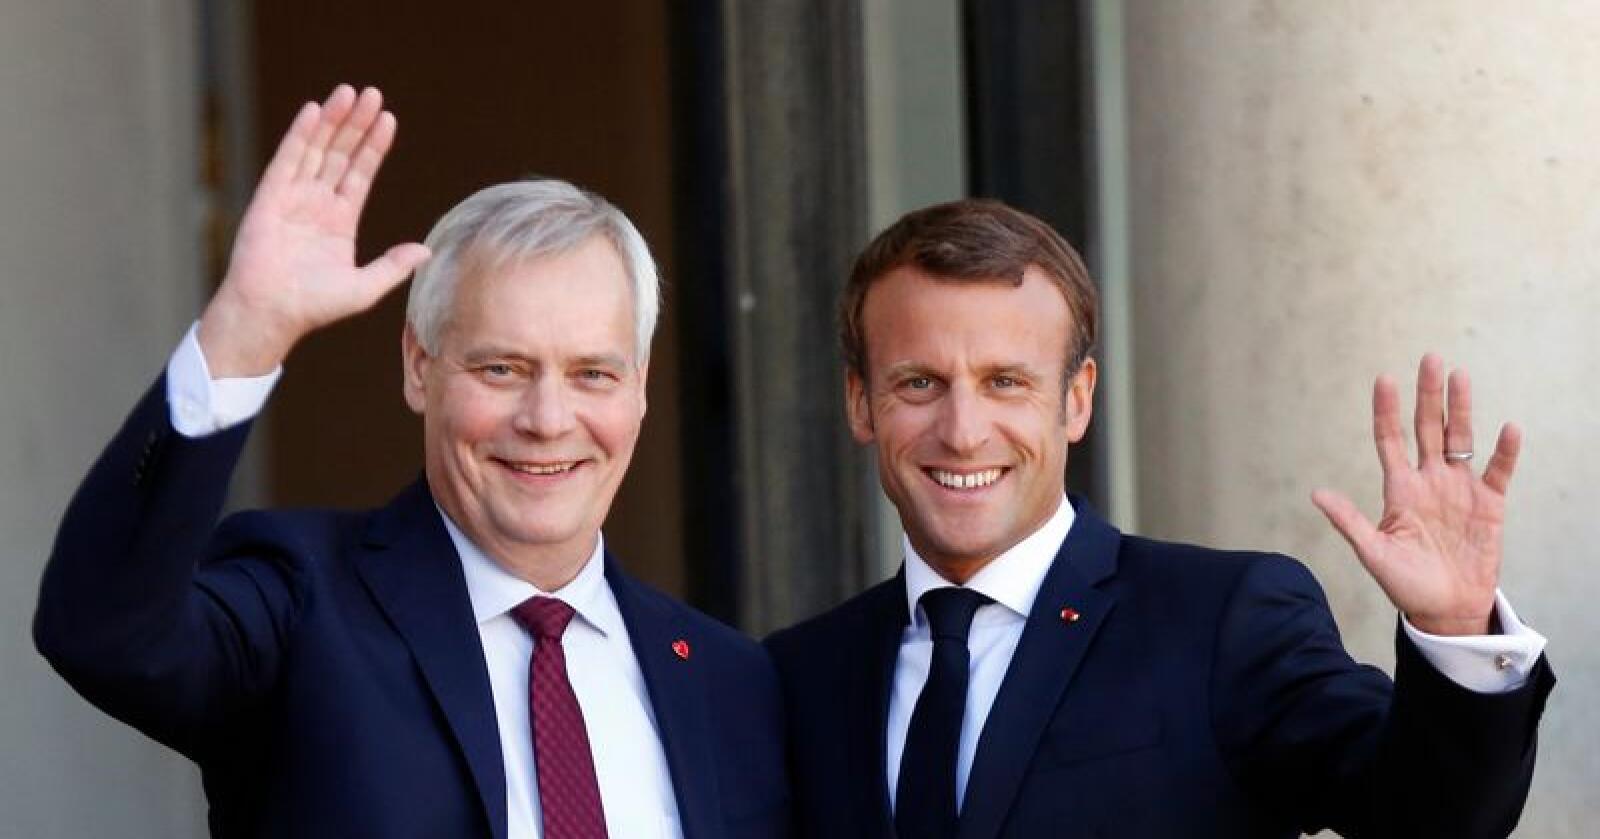 Antti Rinne (t.v.) møtte onsdag Emmanuel Macron i Paris. Etter møtet sa den finske statsministeren at britene må komme opp med en alternativ brexitplan innen utgangen av september. Foto: Thibault Camus / AP / NTB scanpix